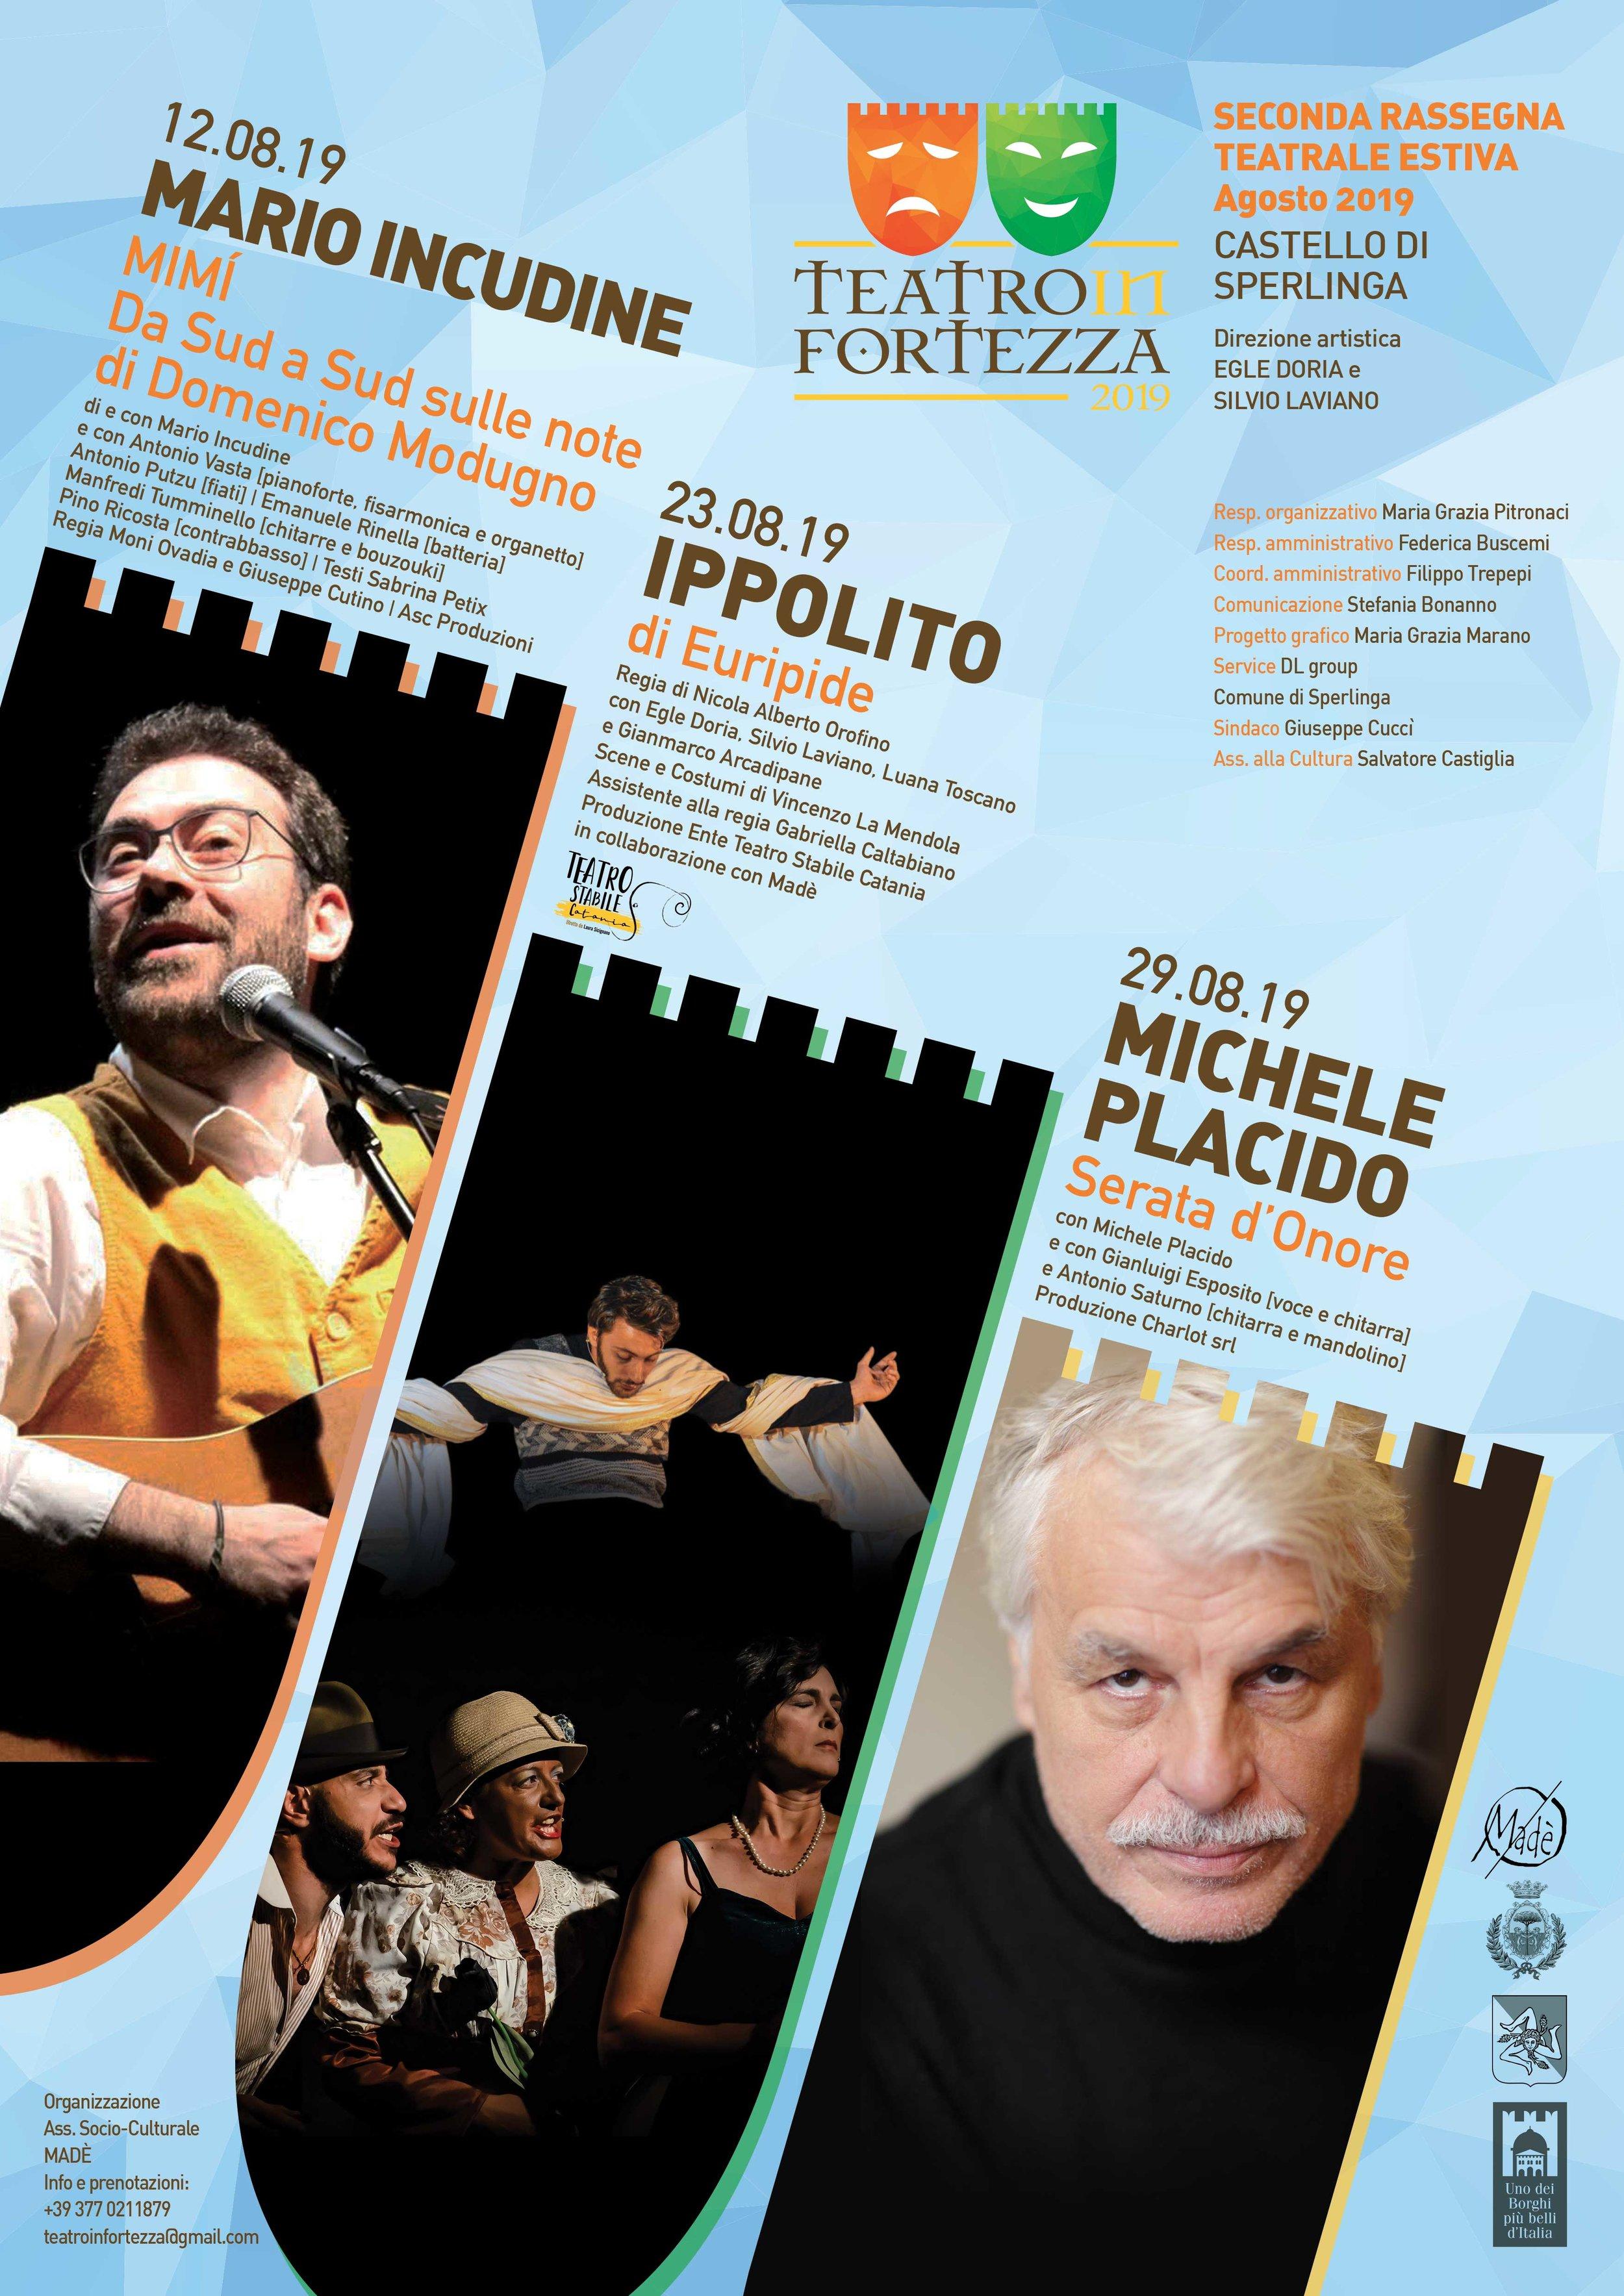 2° edizione Teatro in Fortezza al Castello di Sperlinga